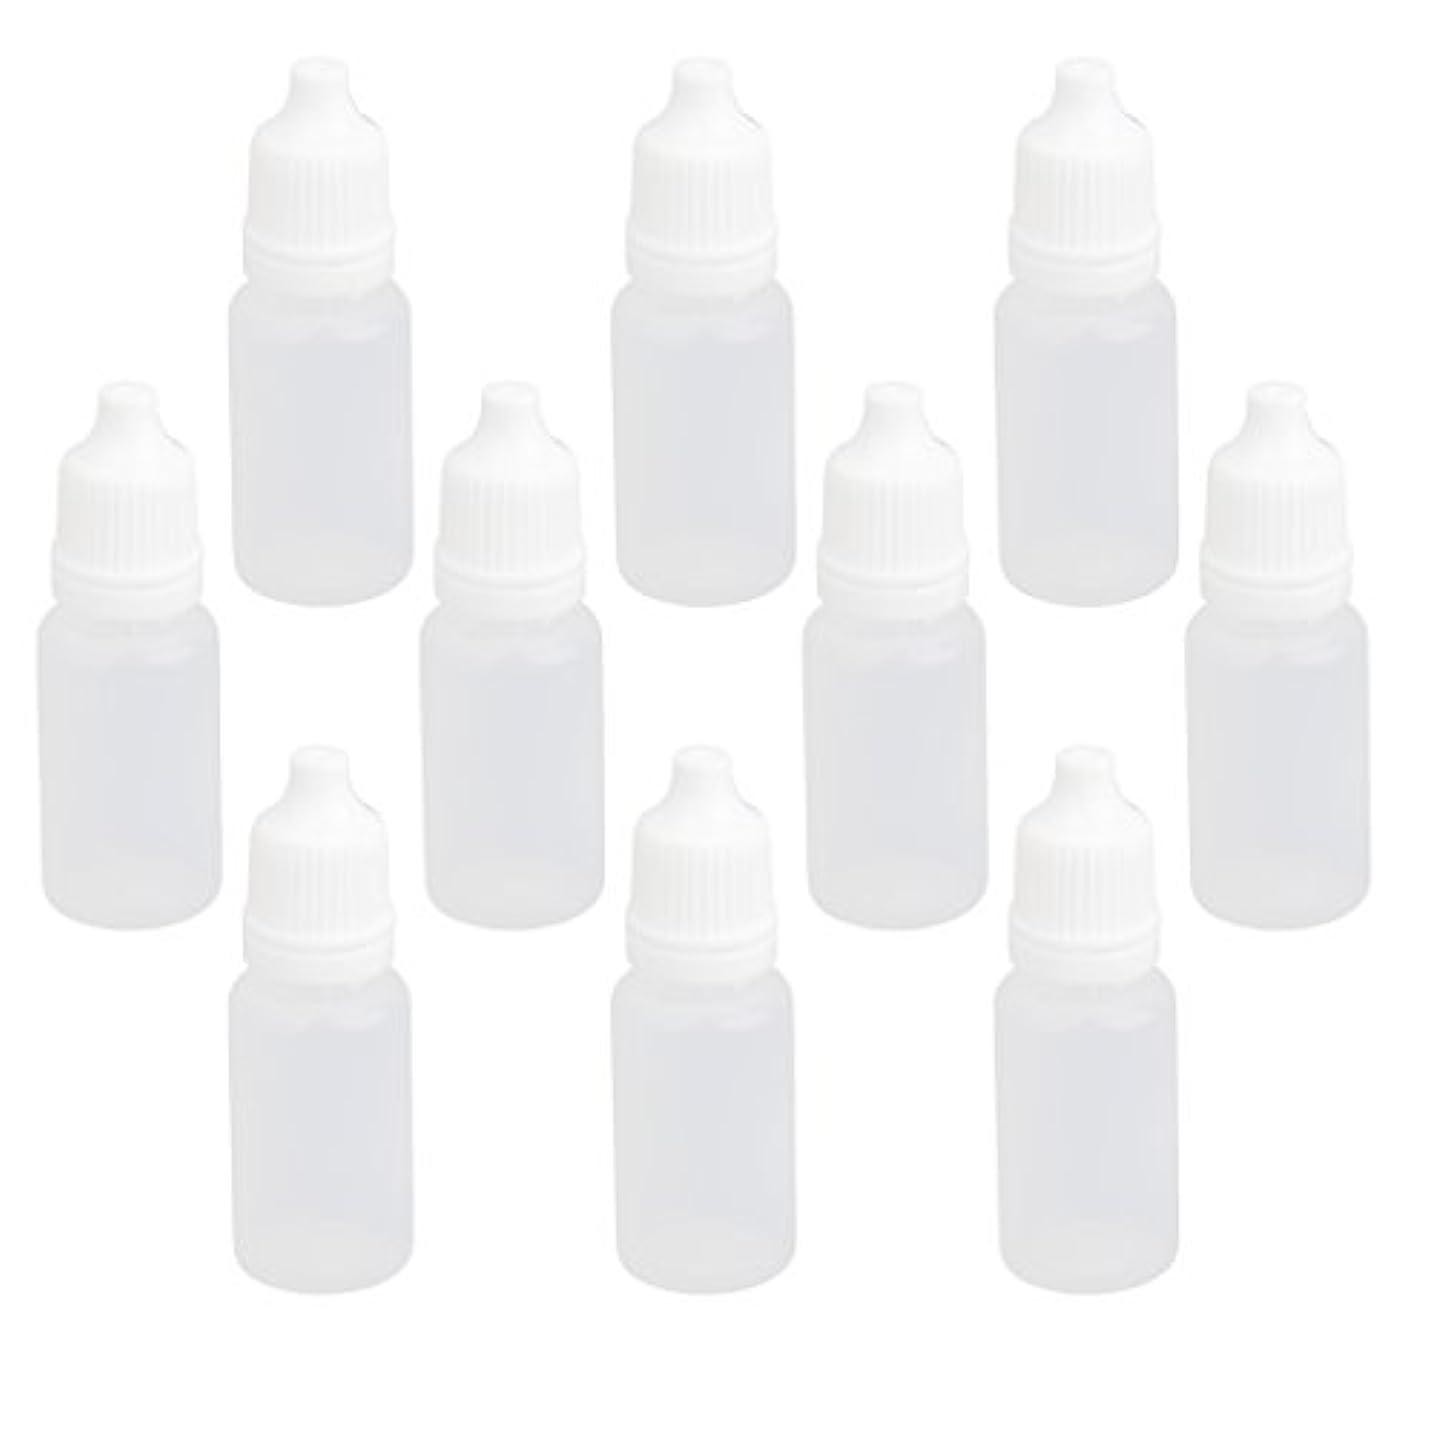 傾斜起きて七面鳥【ノーブランド品】ドロッパーボトル 点眼 液体 貯蔵用 滴瓶 プラスチック製 10個 (10ml)